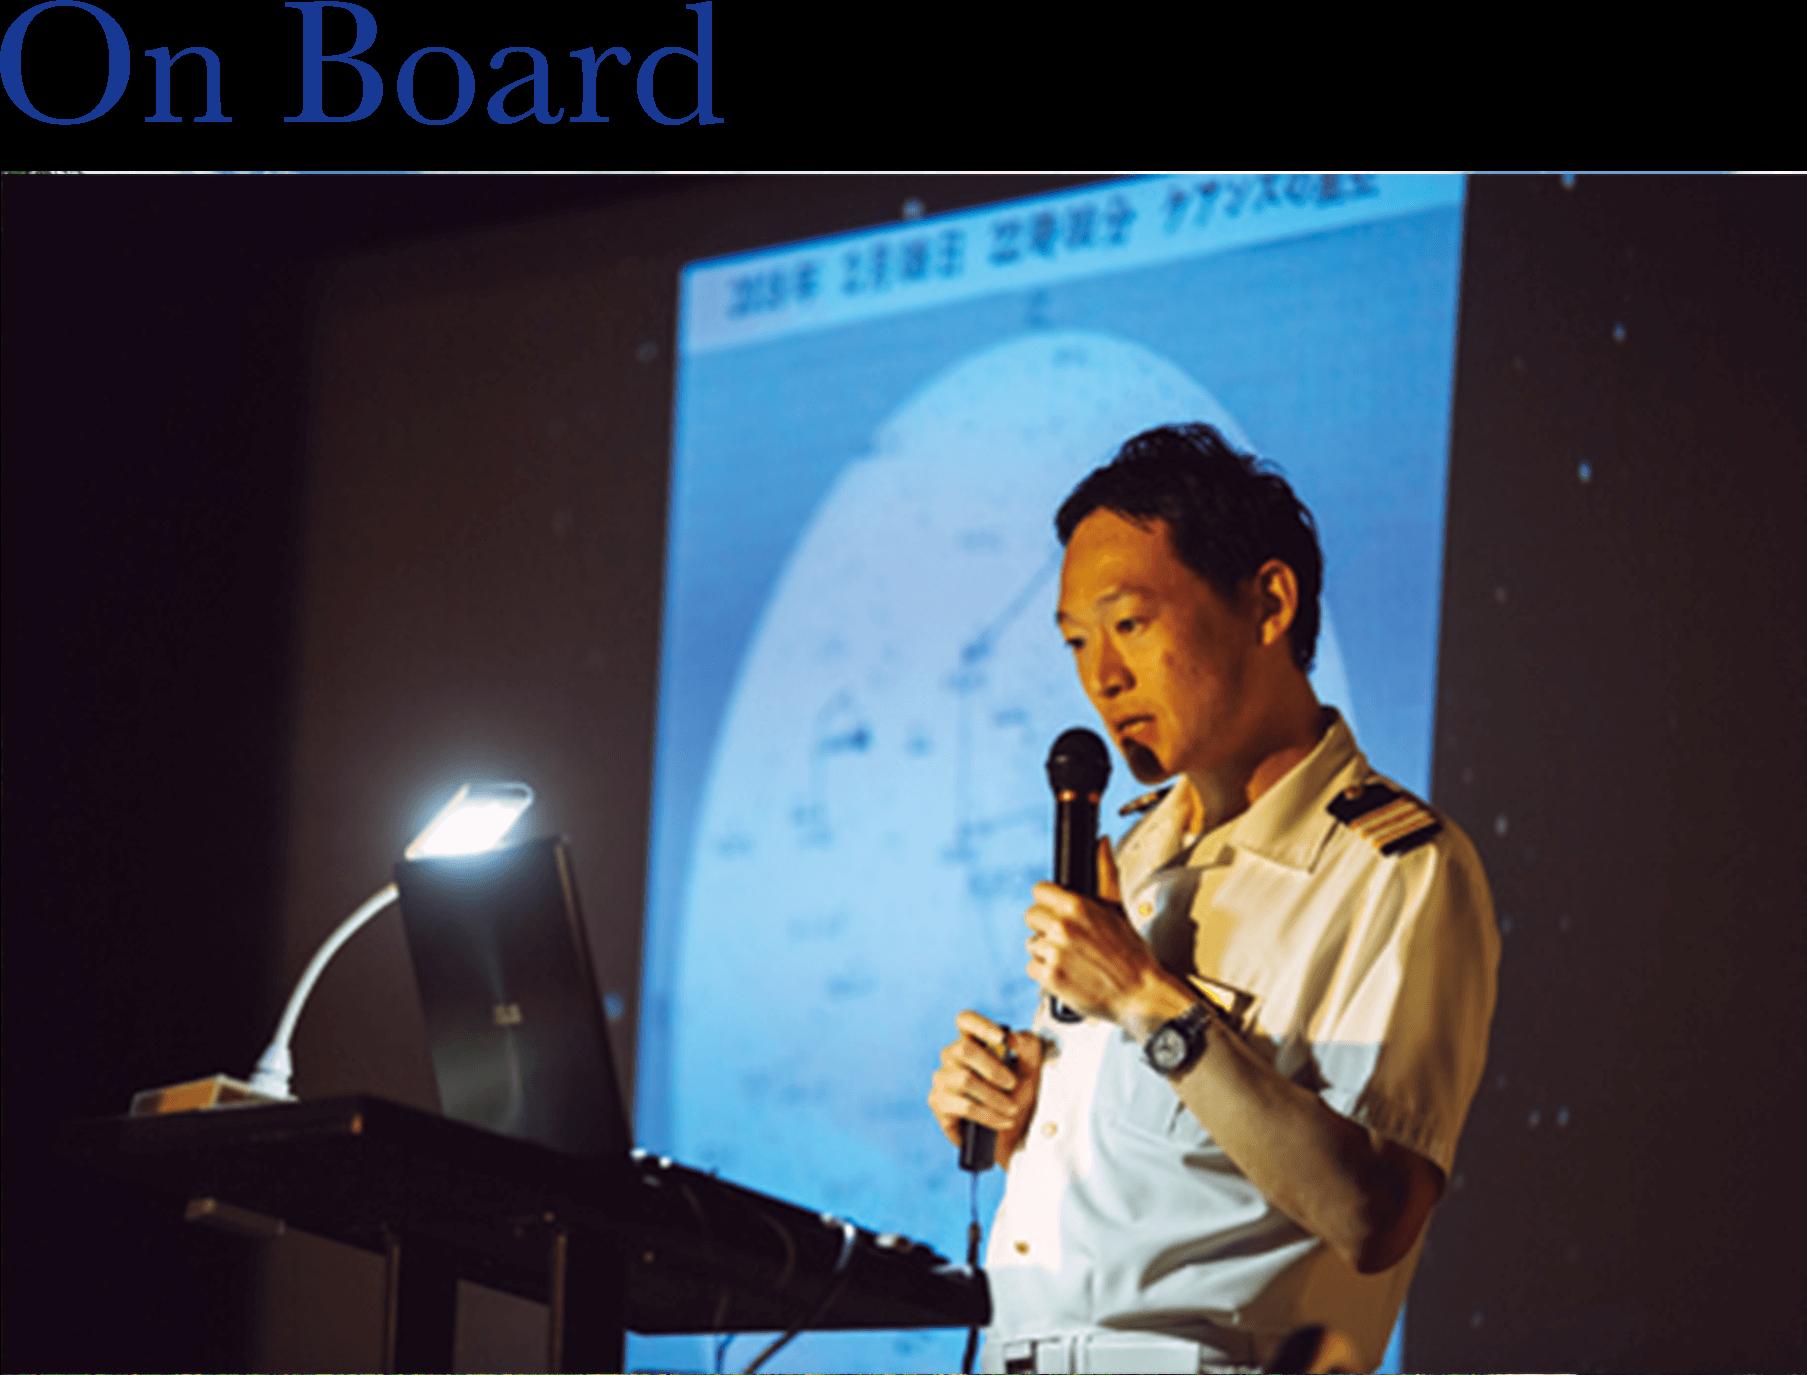 2021年 オセアニアグランドクルーズ On Board 星空観測会 詳細情報